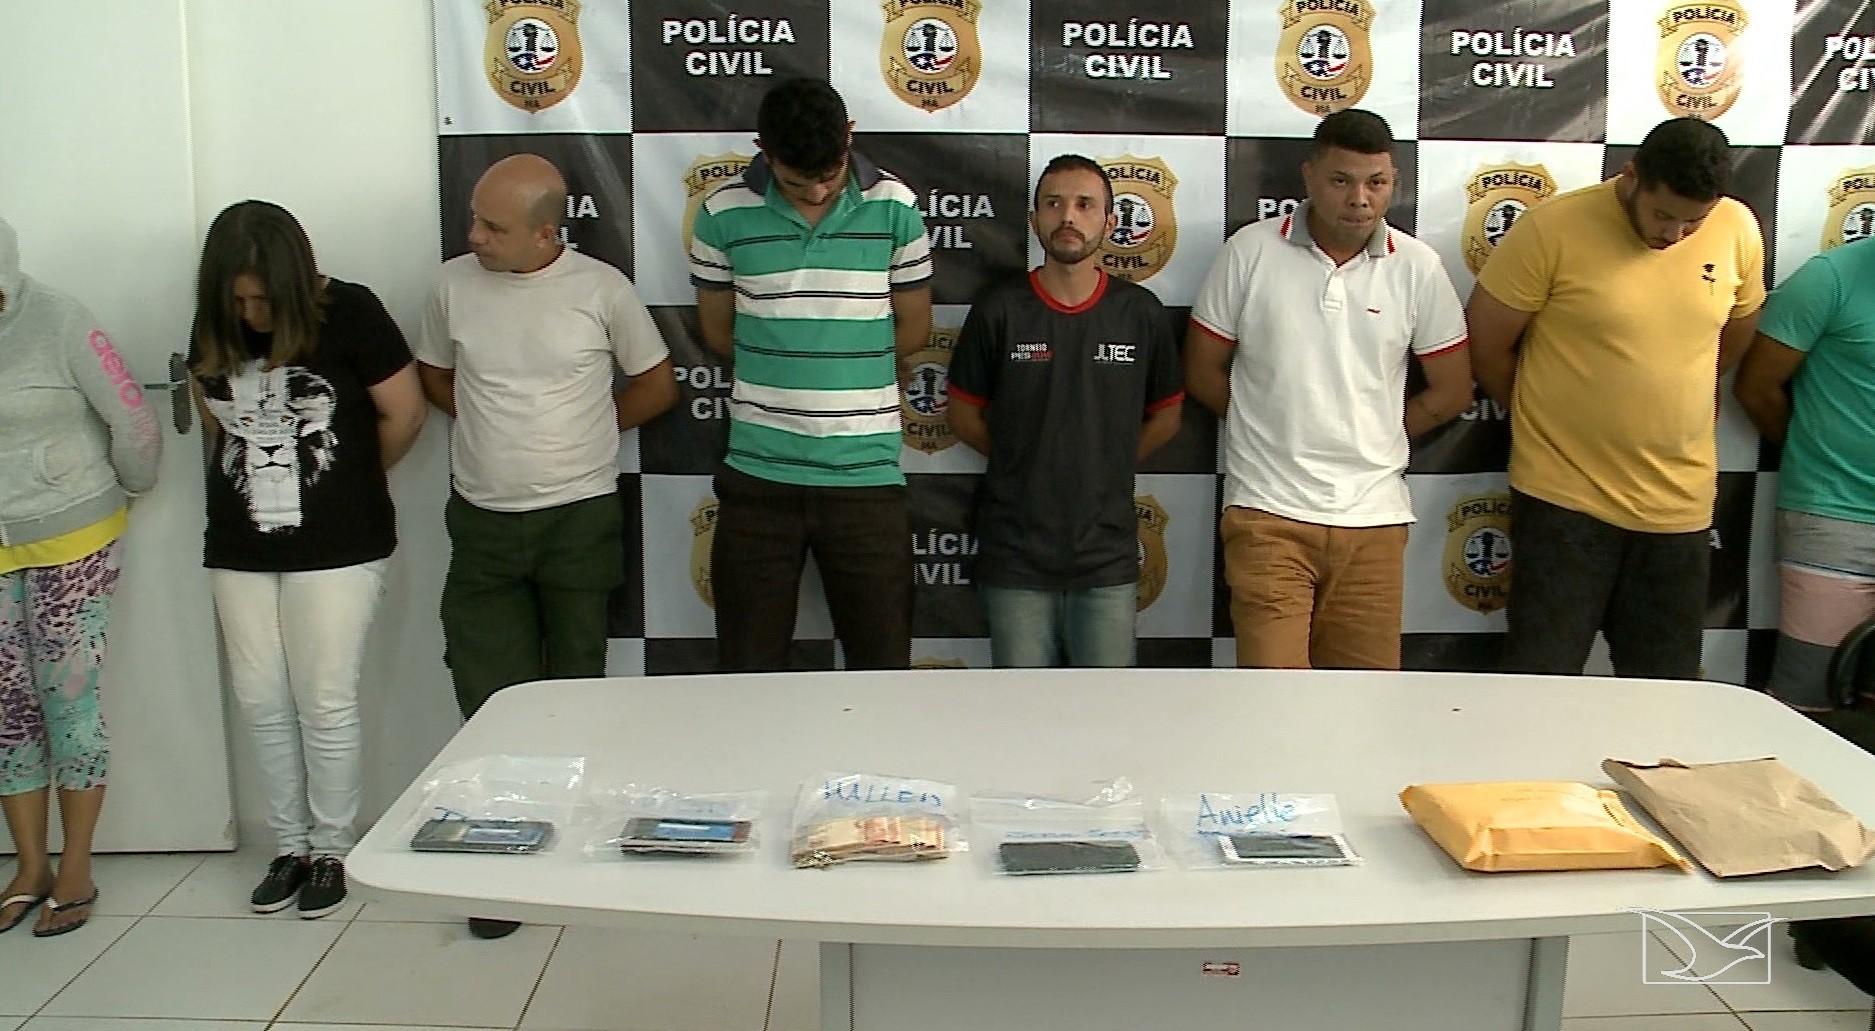 Polícia prende quadrilha que clonava aplicativo de celular de prefeitos no MA